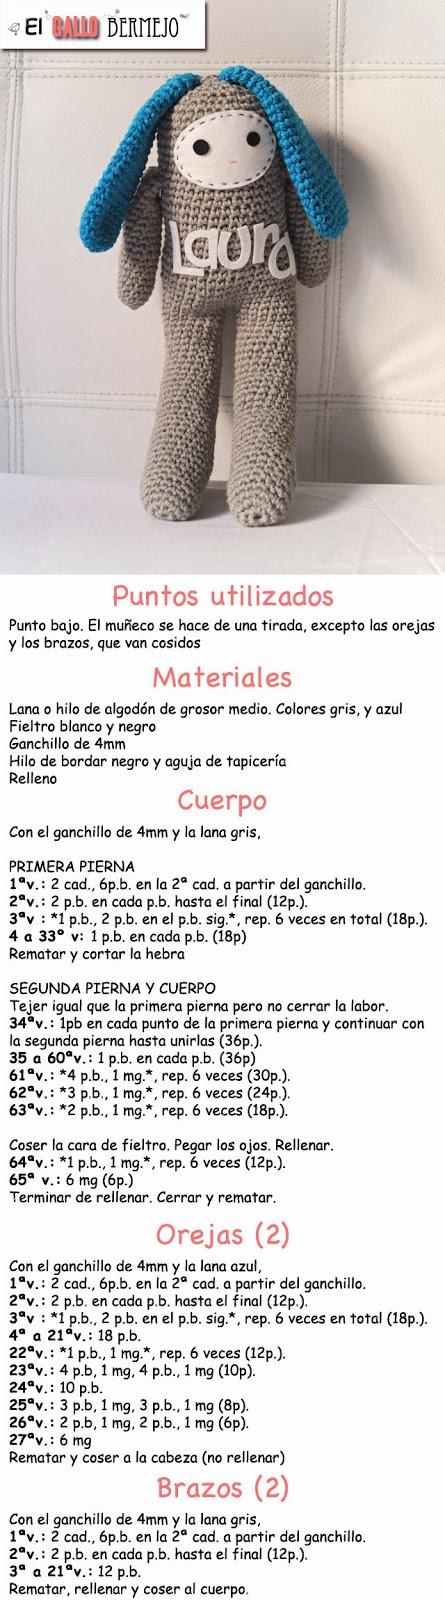 Patrón gratis español - #amigurumi #free #pattern @El Gallo Bermejo ...